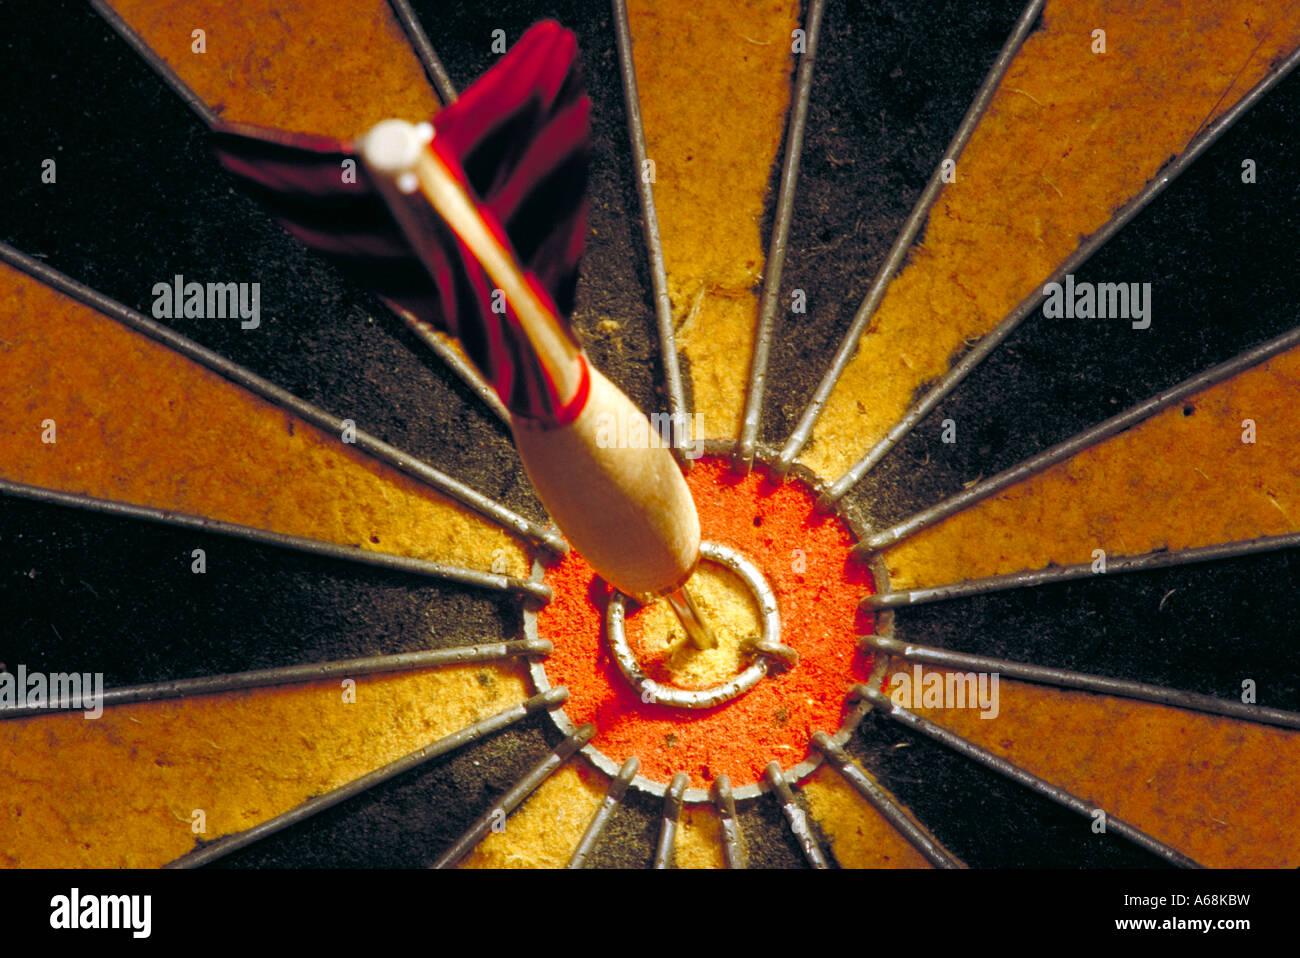 Dardo en la diana de dardos Imagen De Stock